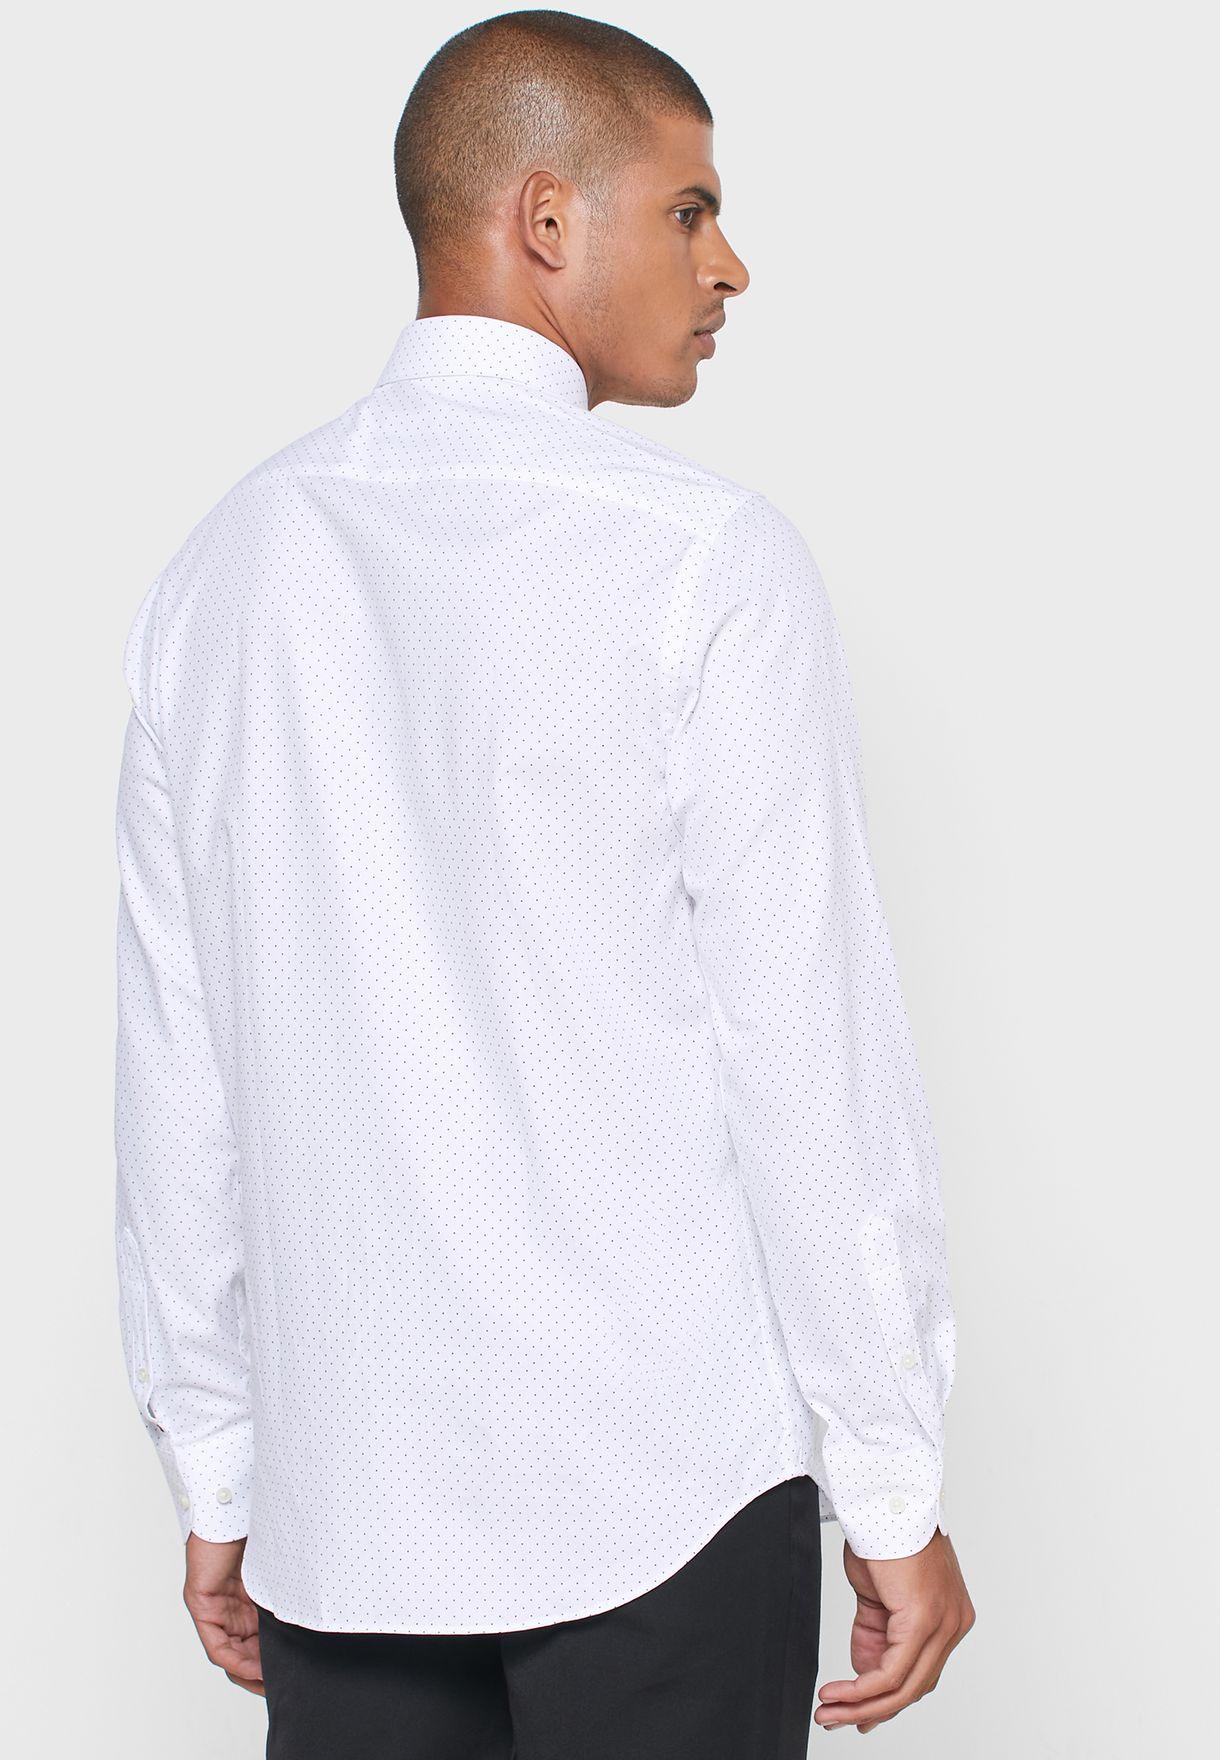 Classic Dot Print Shirt